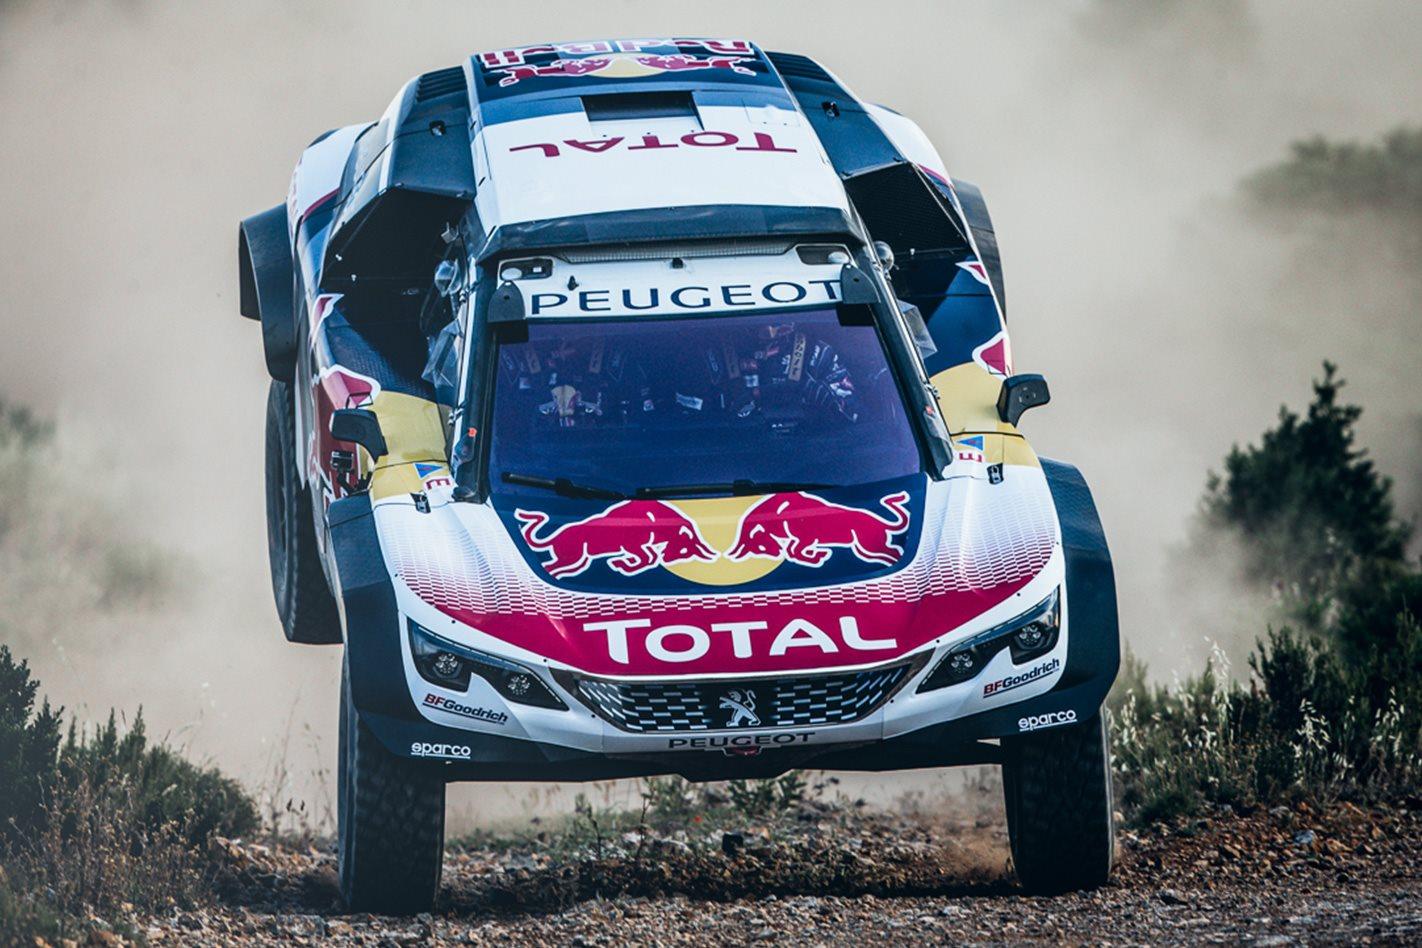 2018 Peugeot Dakar Challenger offroad